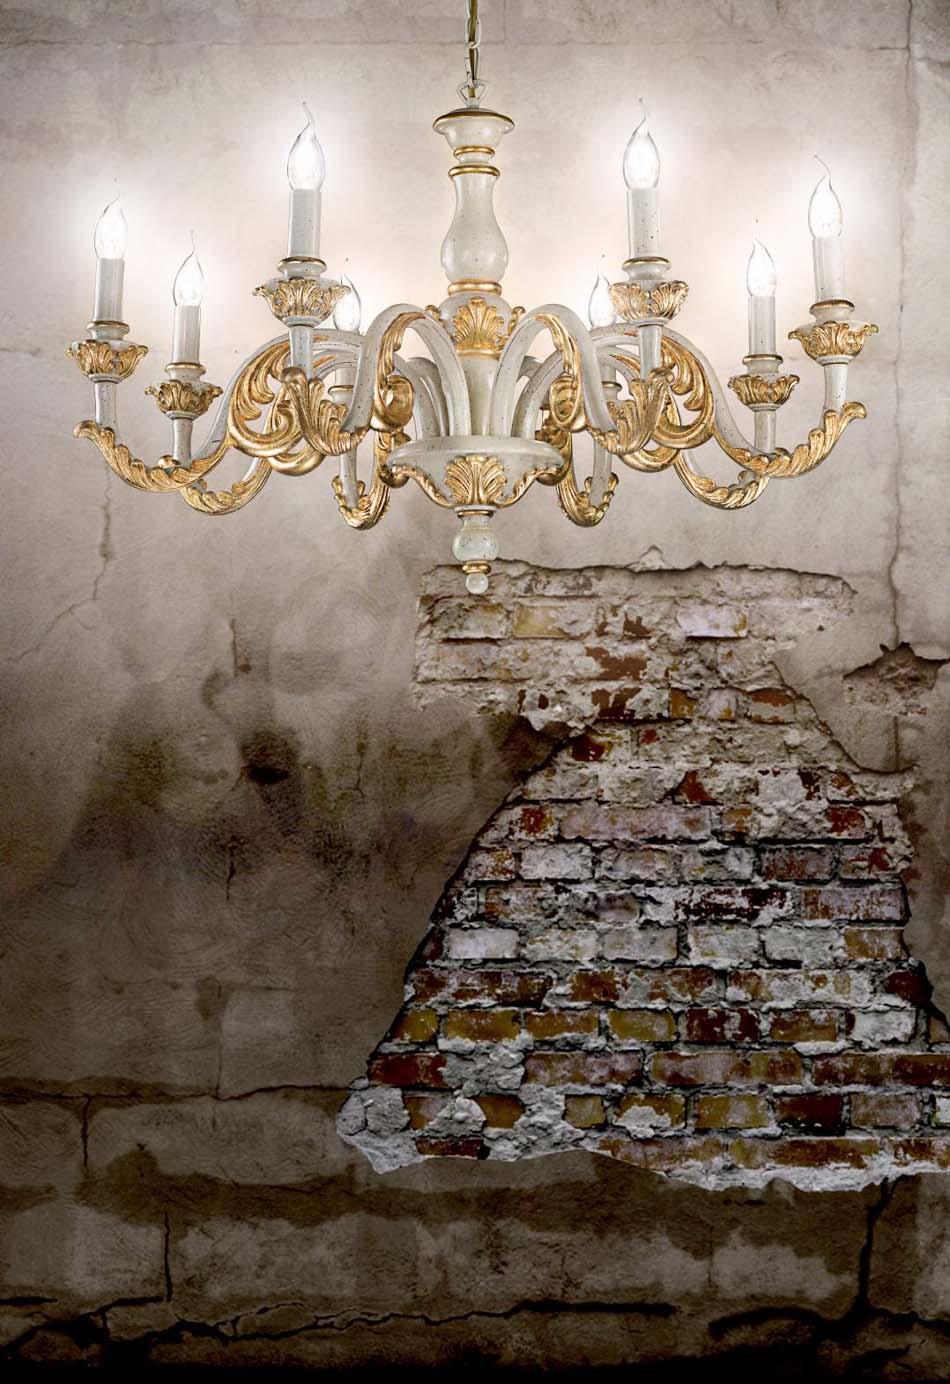 Lampade 53 sospensione Classico Ideal Lux Giglio – Bruni Arredamenti